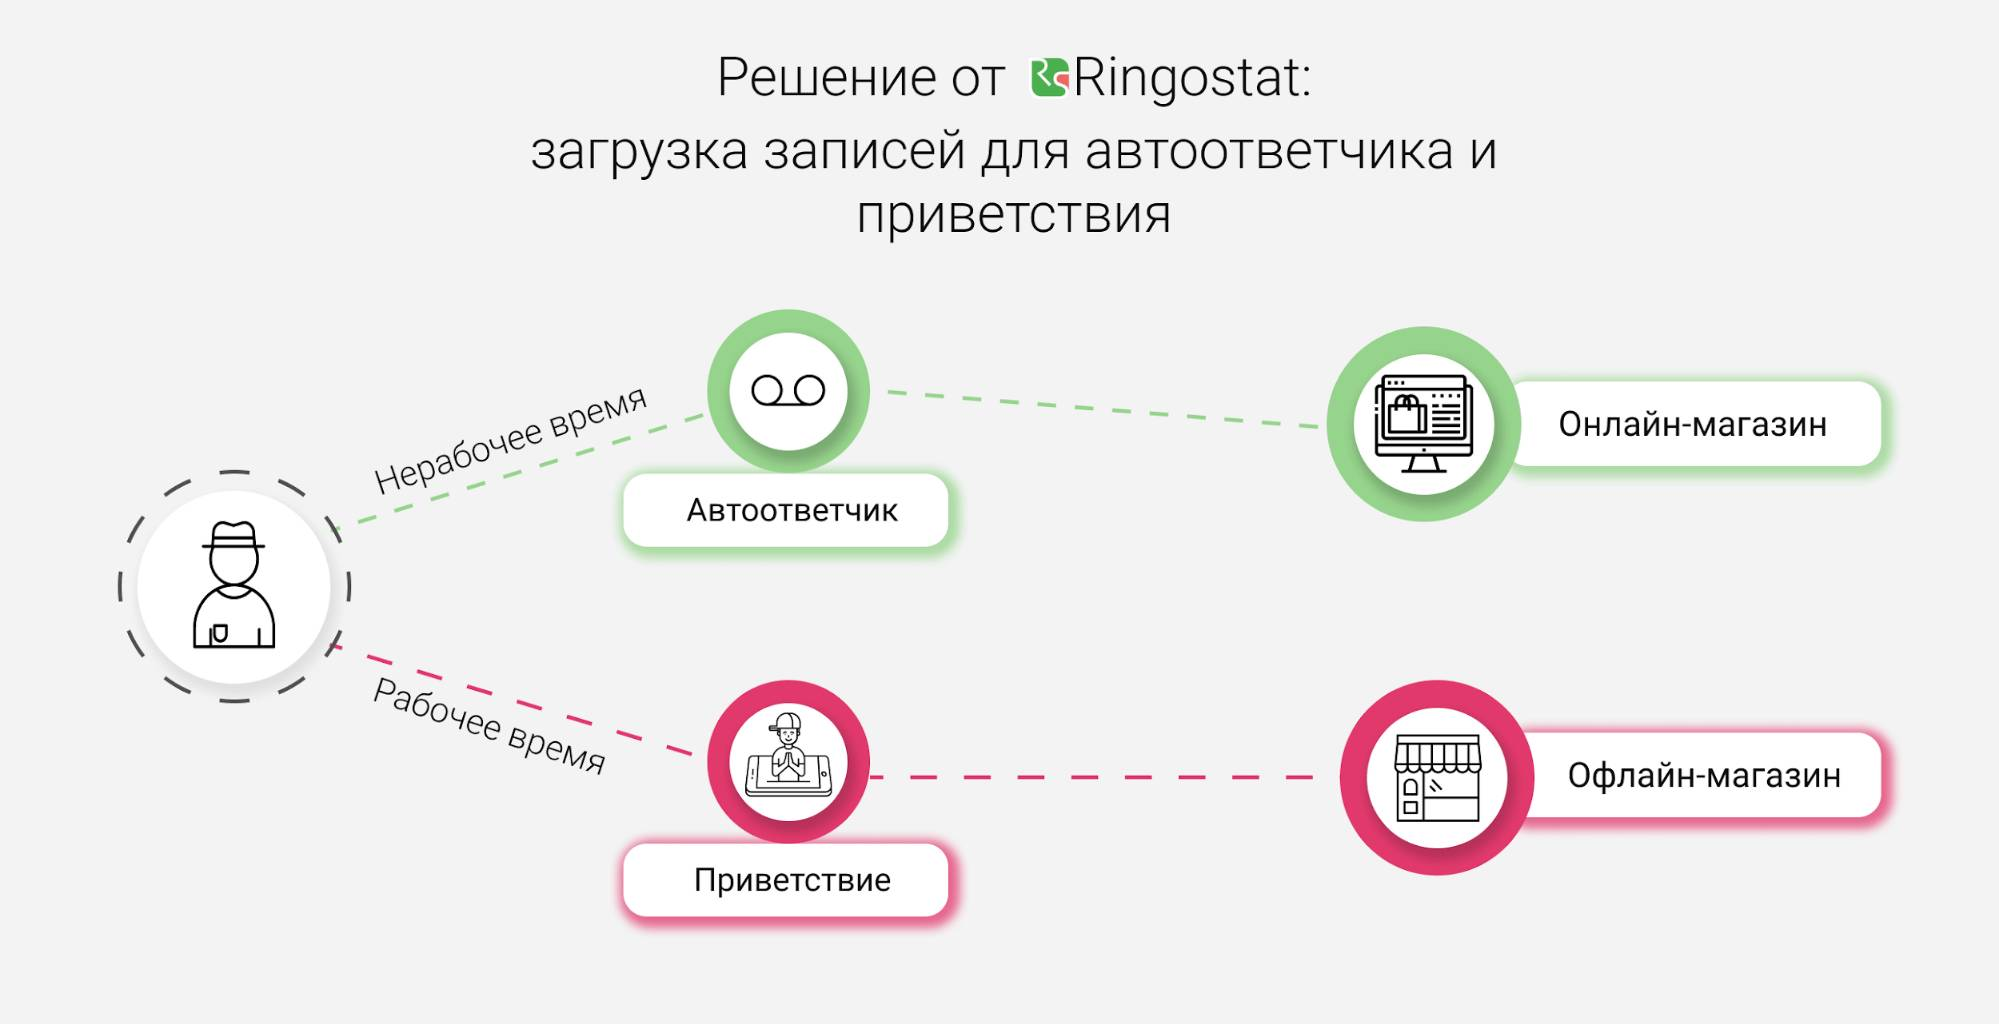 Виртуальная АТС — Загрузка записей для автоответчика и приветствия